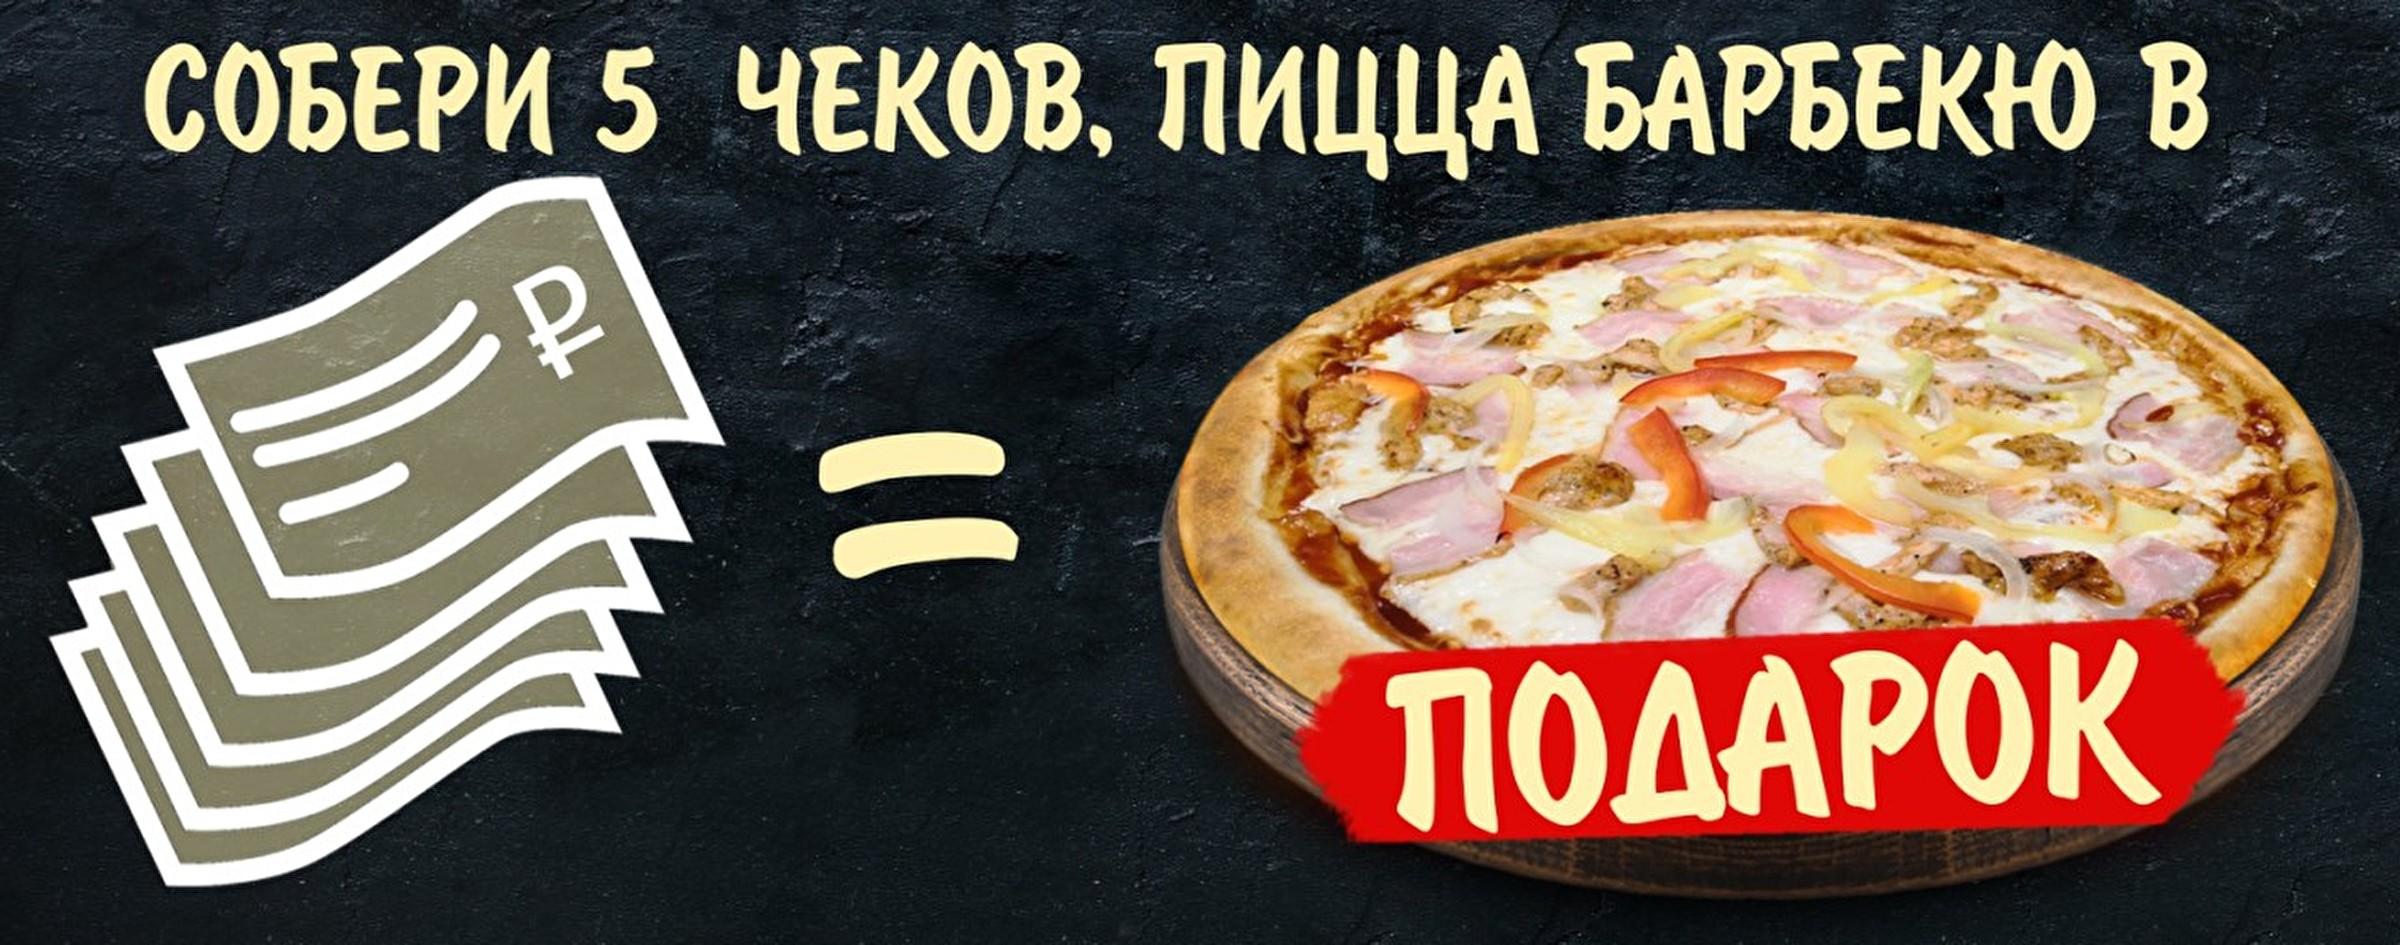 Собери 5 чеков, пицца «Барбекю» в подарок!